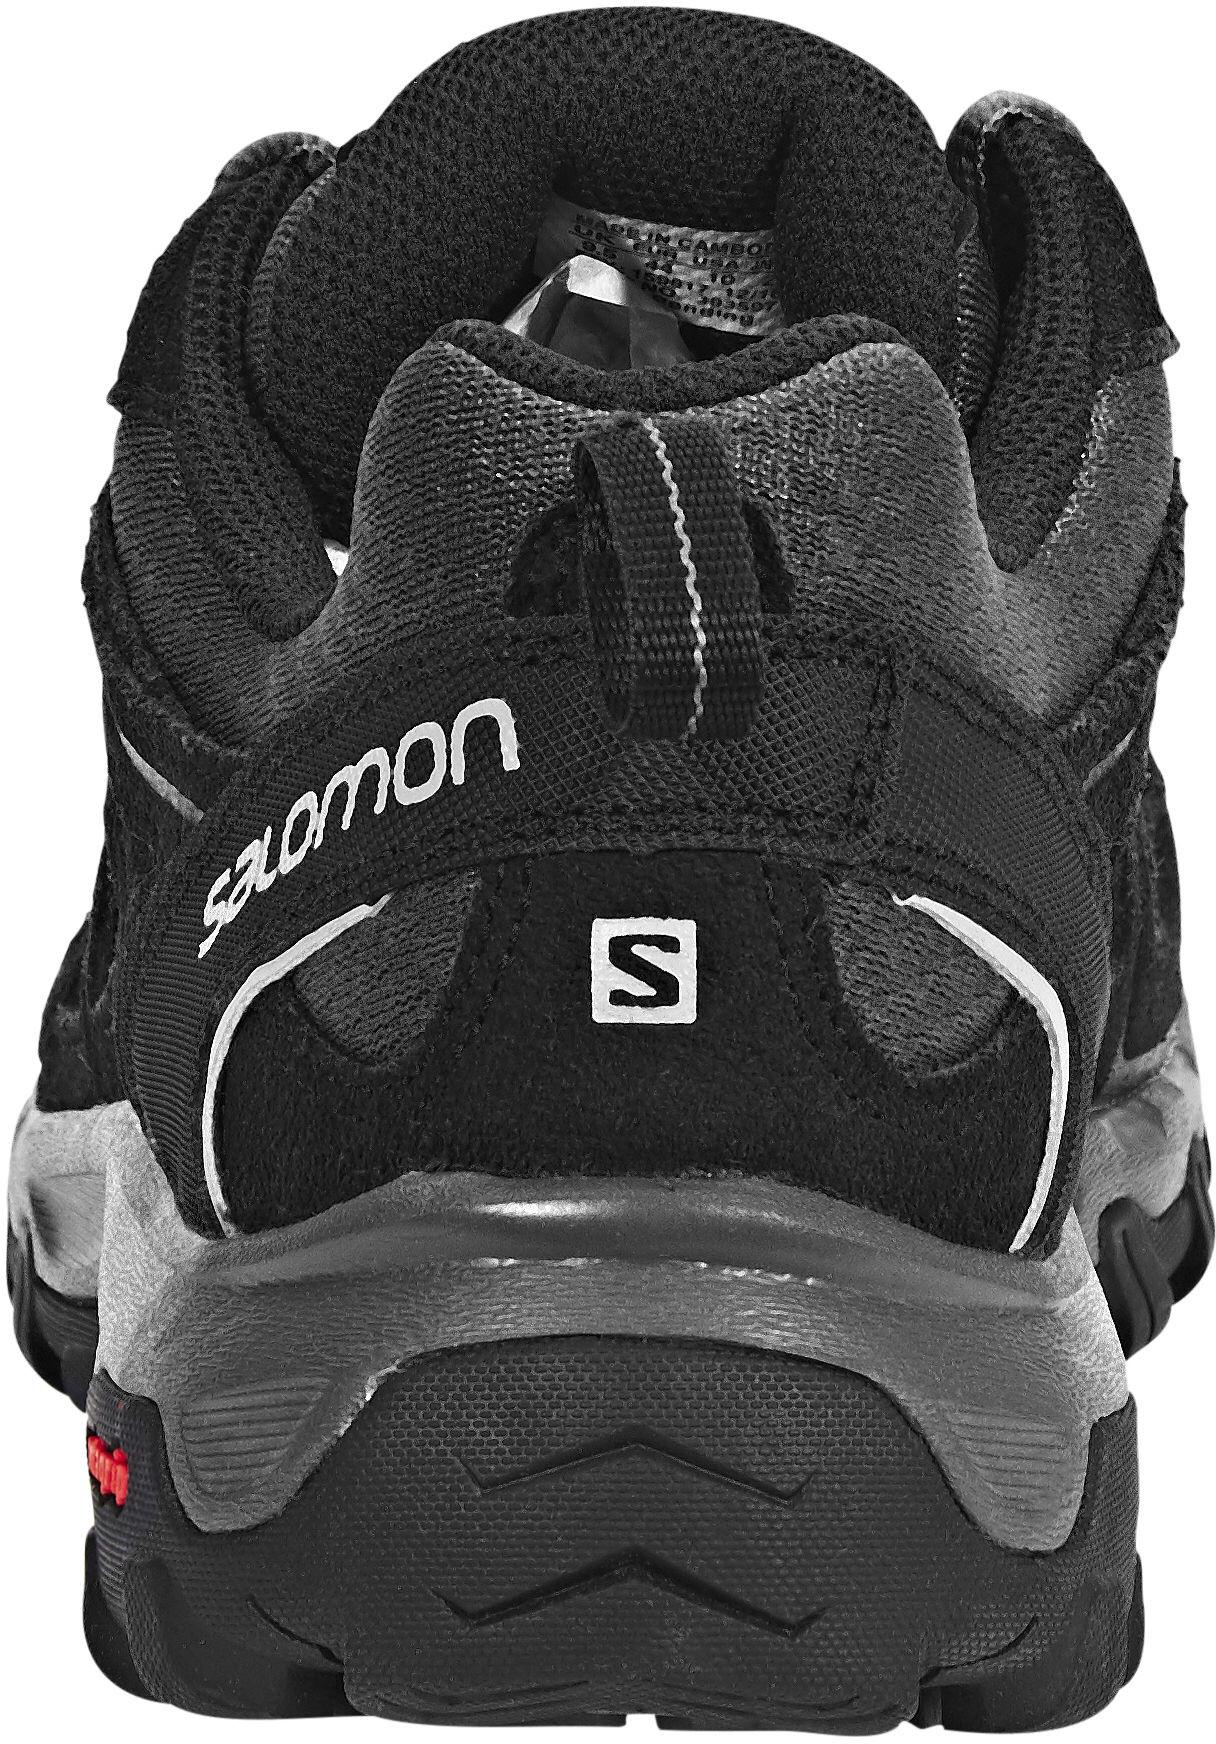 09cd8fb5a62b Salomon Evasion 2 Aero - Chaussures Homme - gris noir sur CAMPZ !